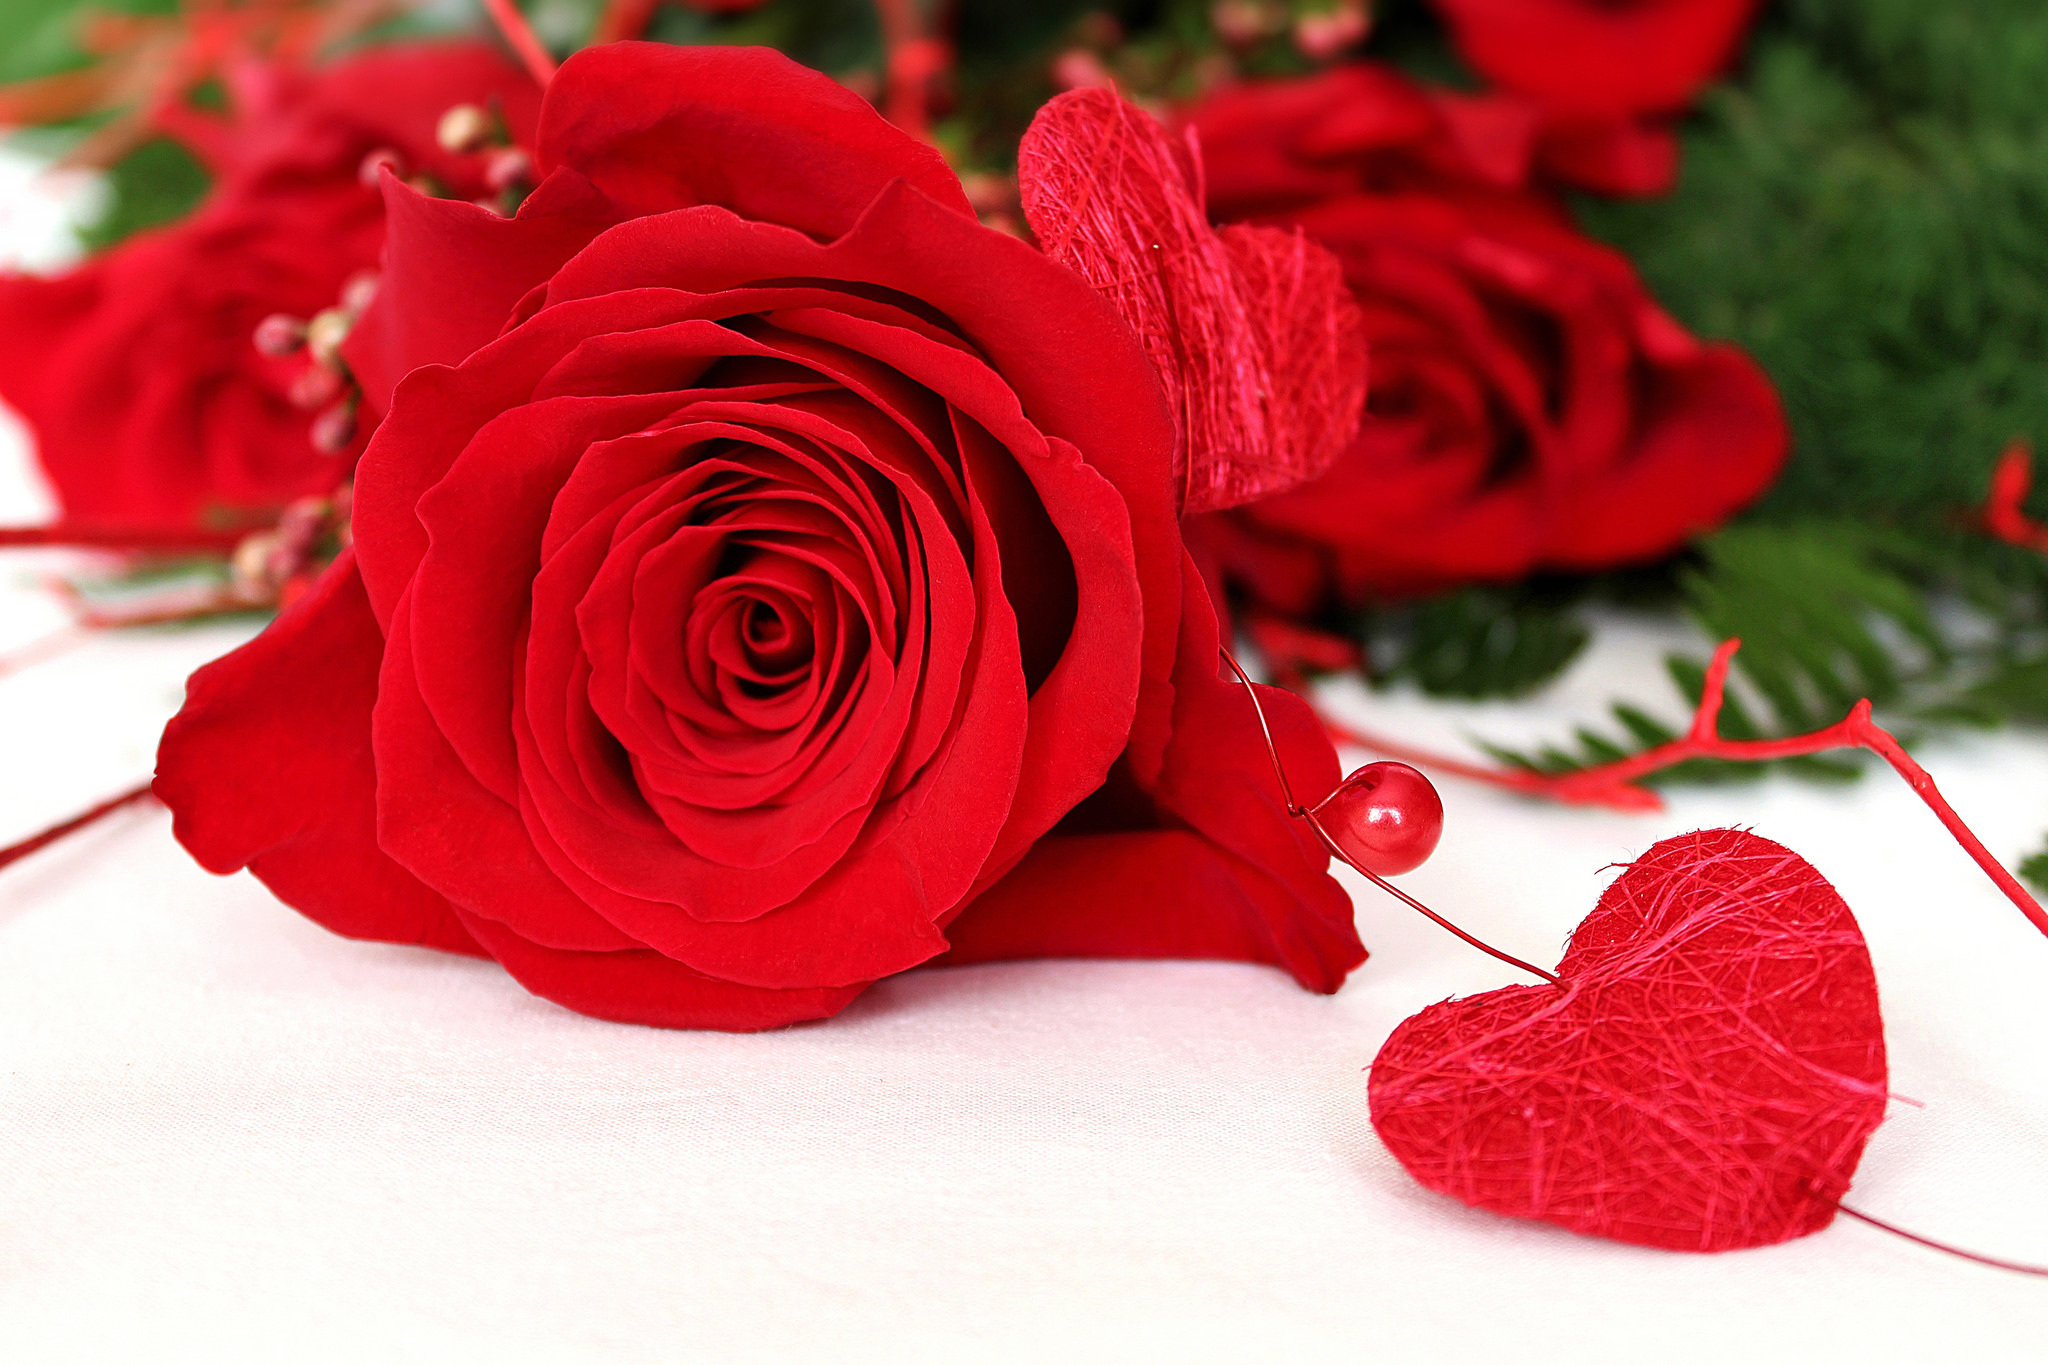 Картинка розы с сердечками